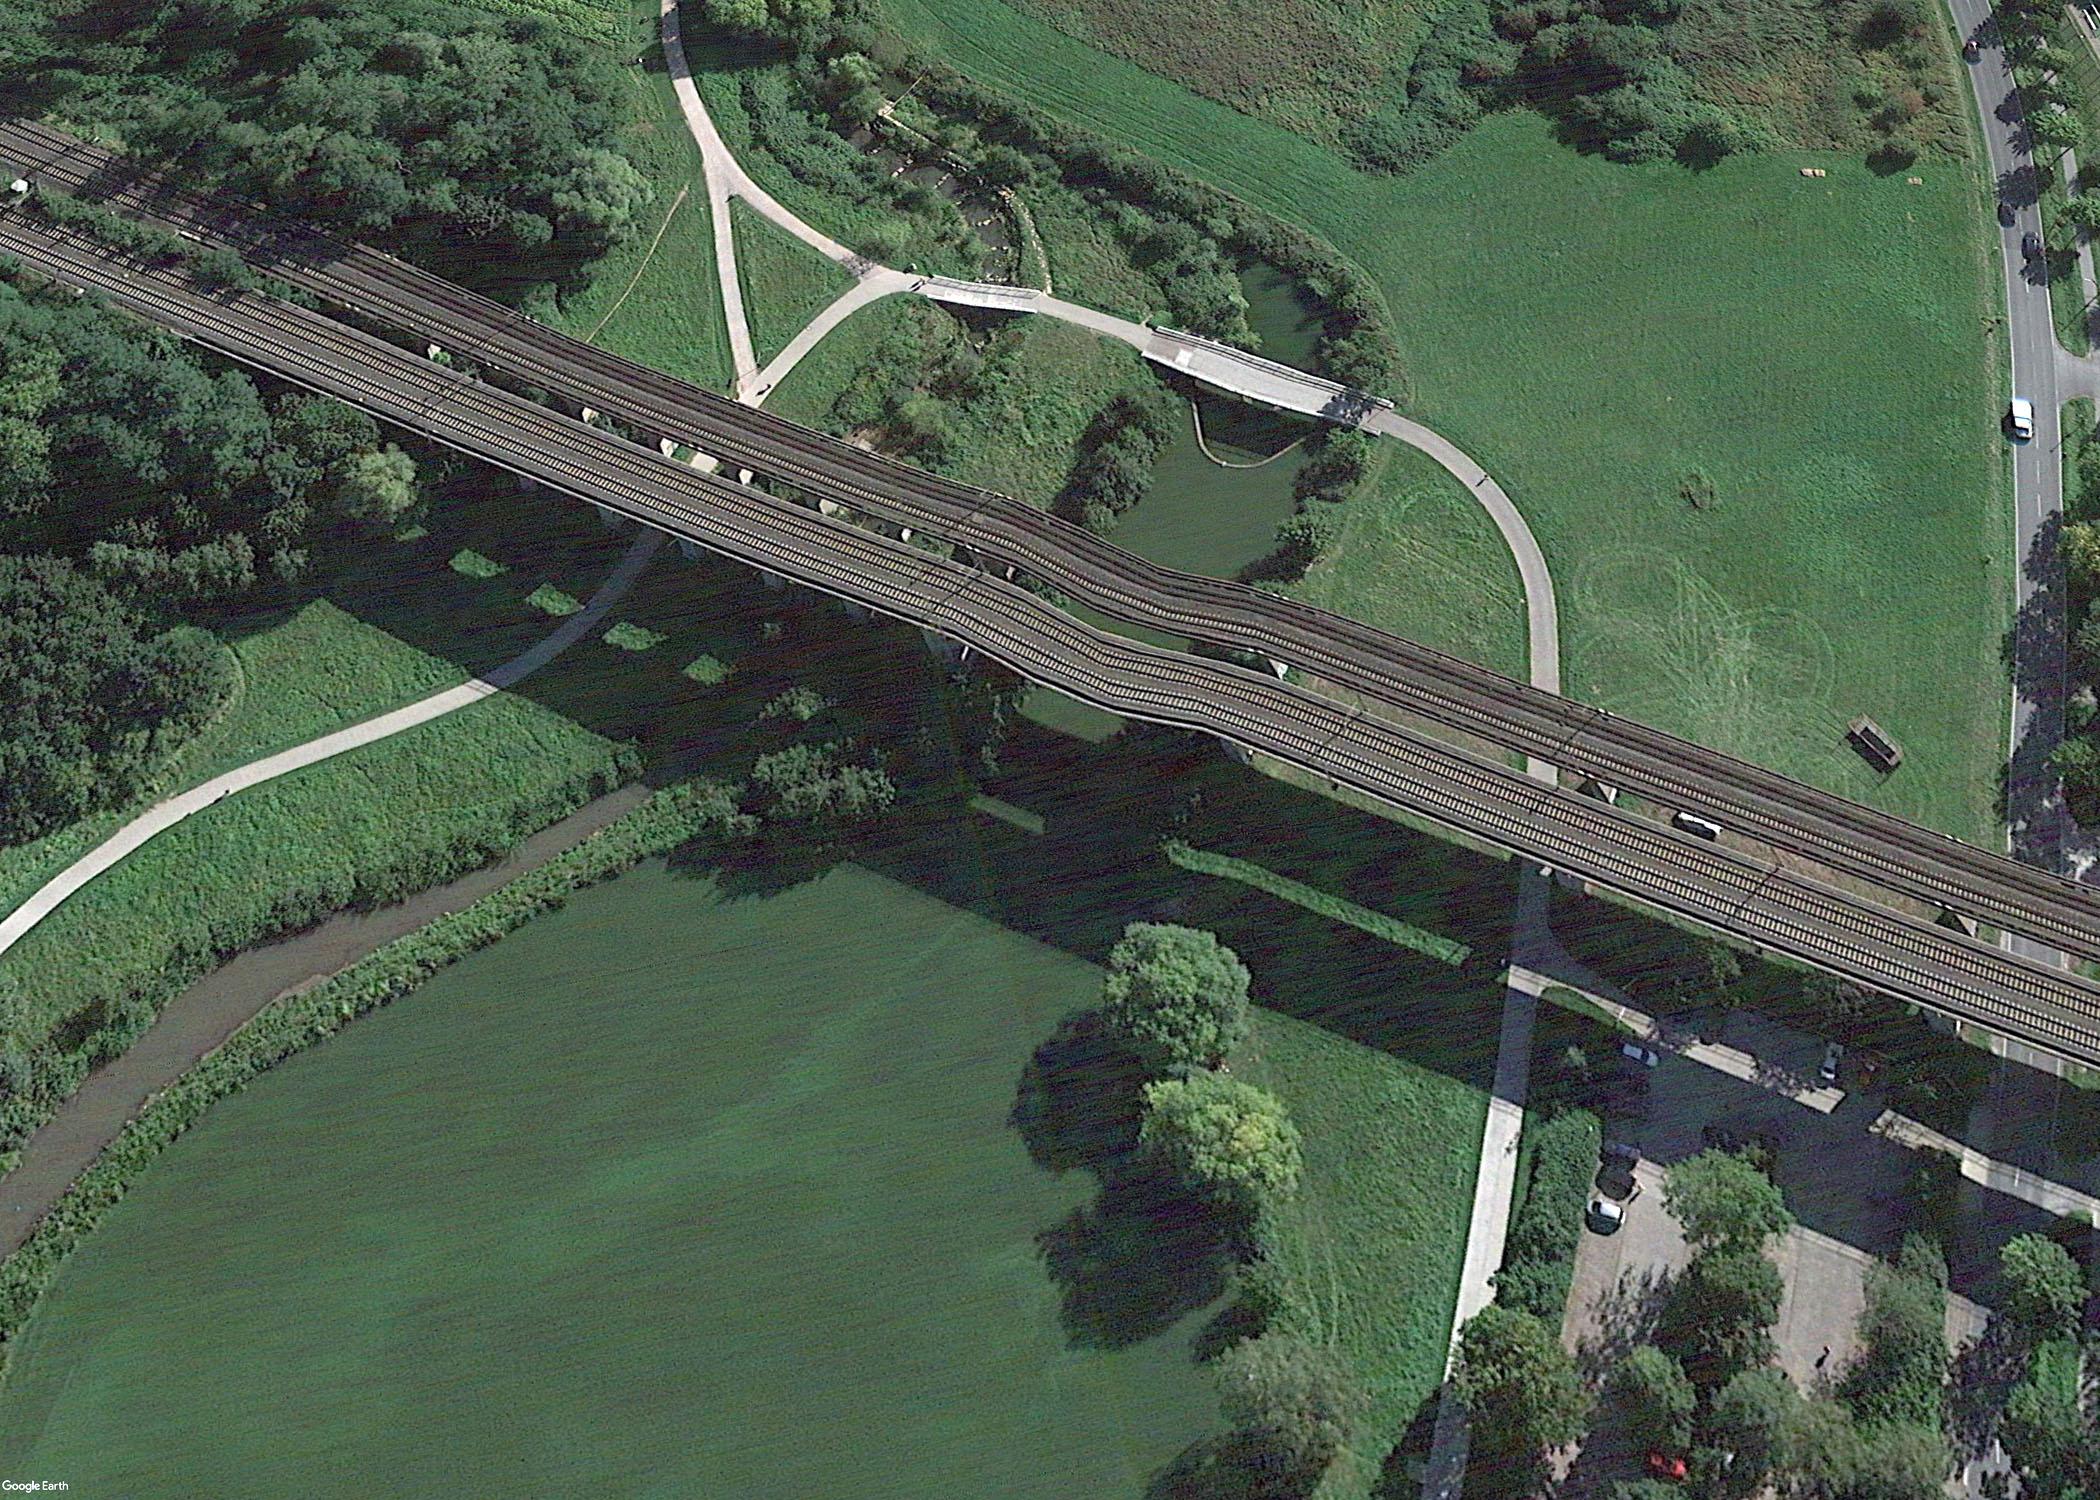 Google Earth: Bielefeld - Schildescher Viadukt - Aufgenommen aus Nordosten über dem heutigen Obersee